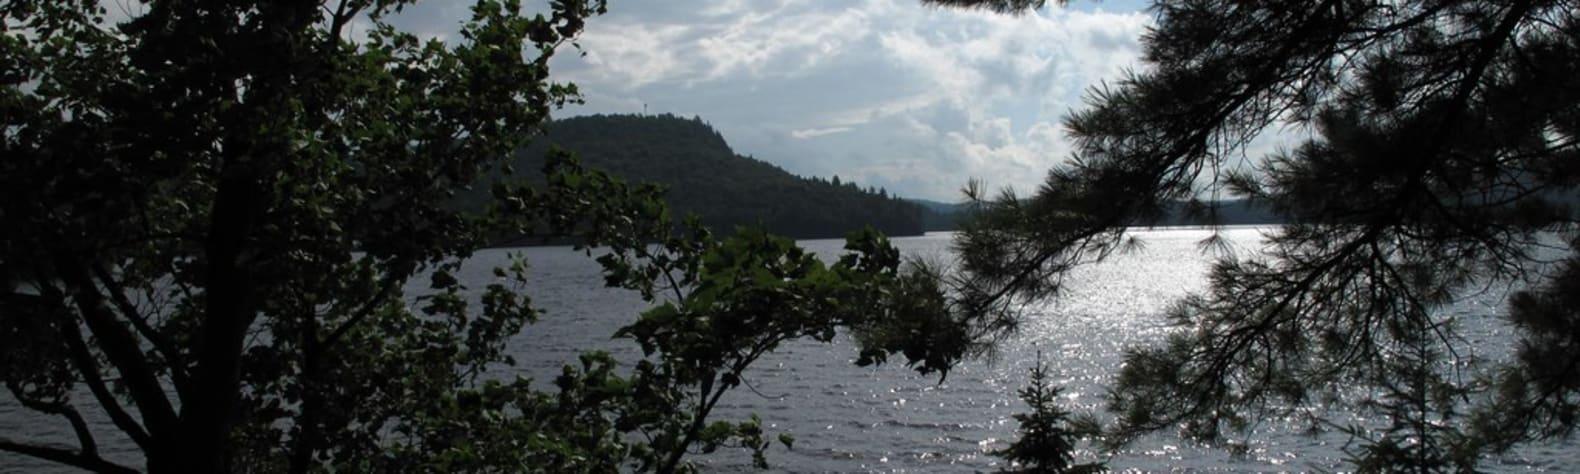 Opeongo River Provincial Park